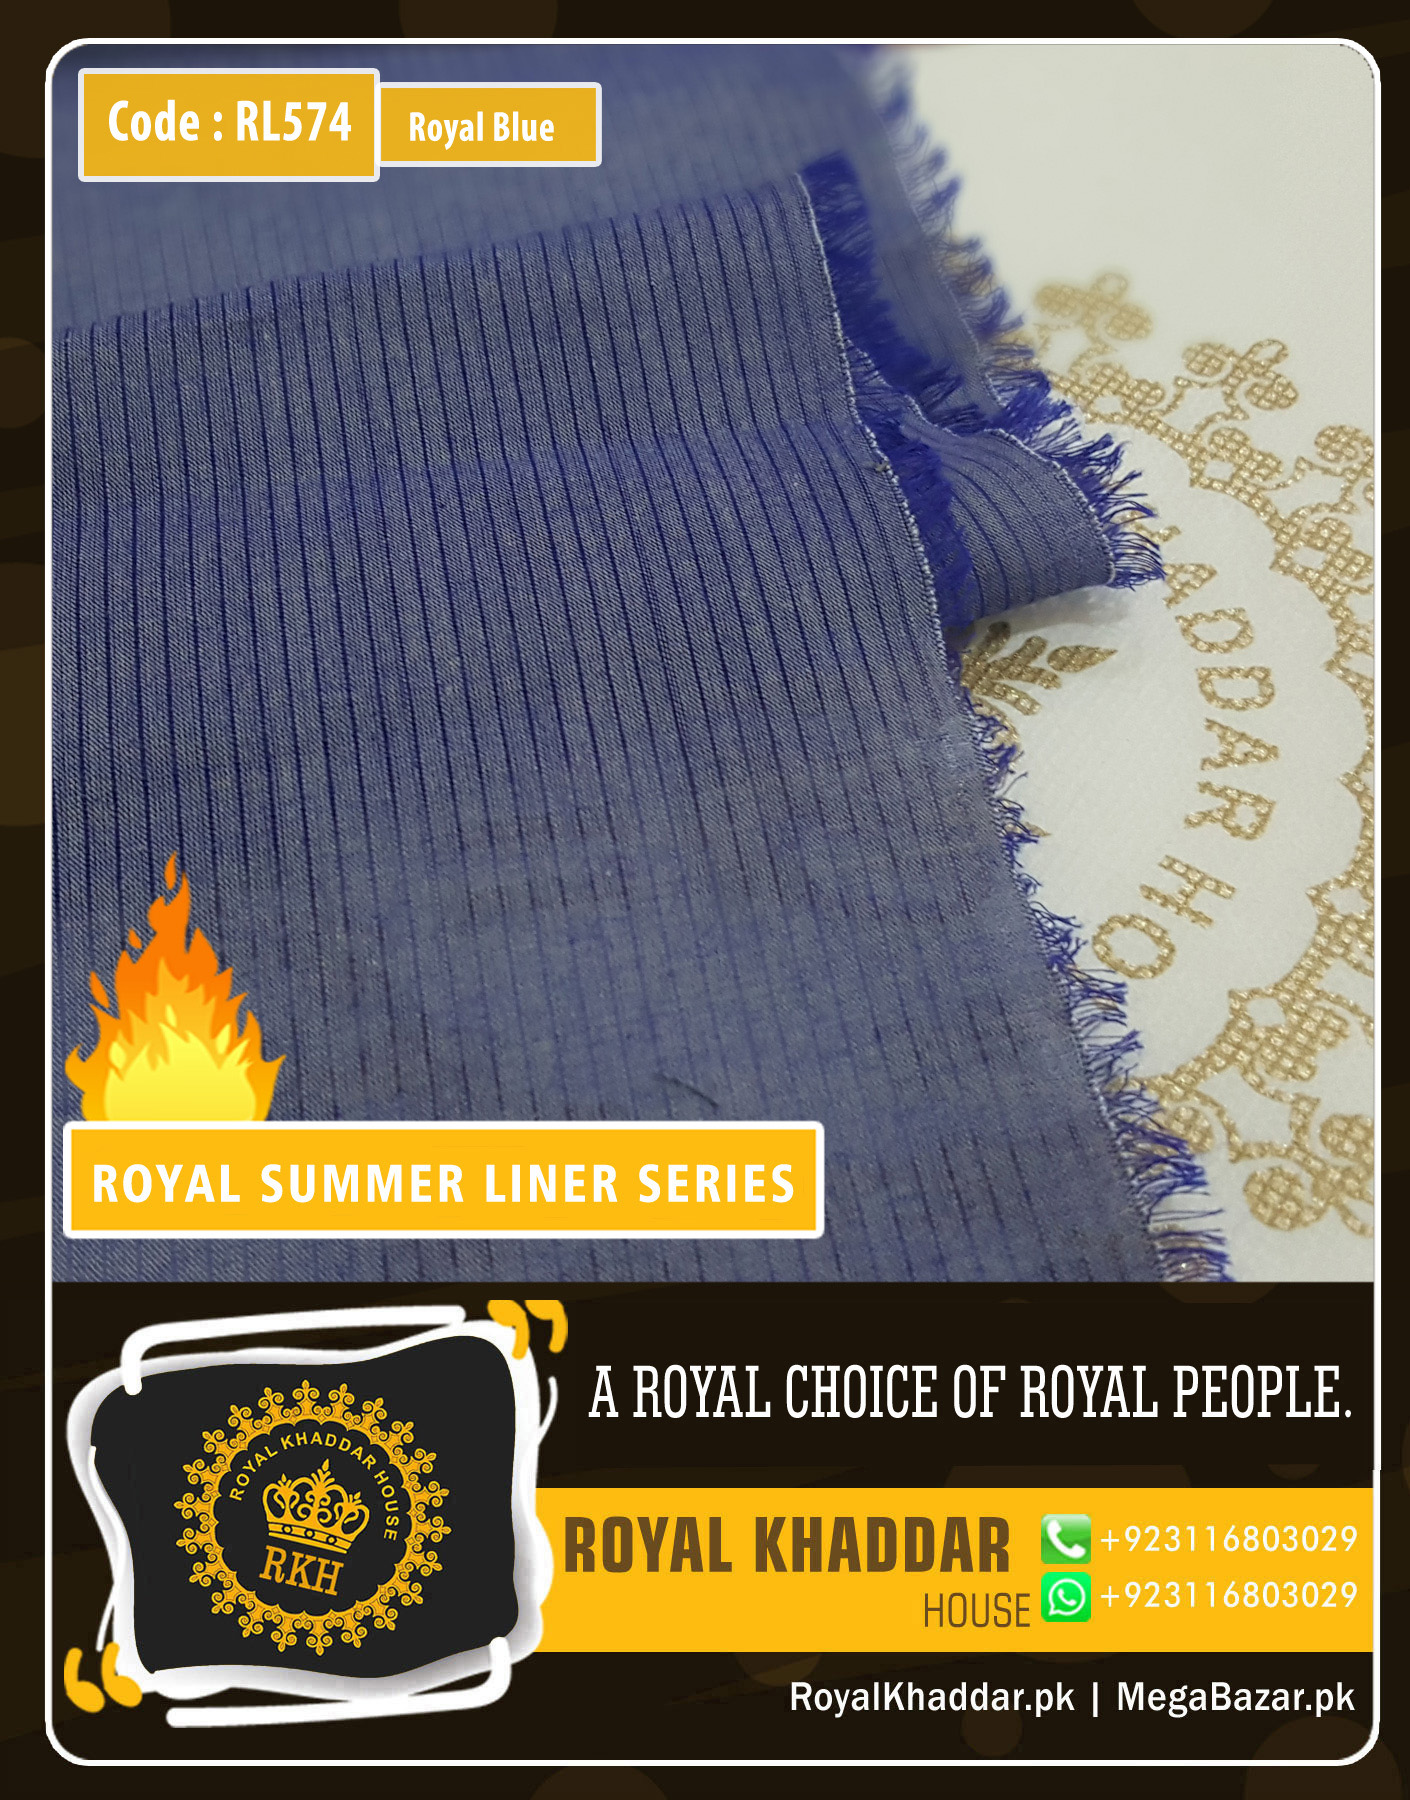 Royal Blue Summer Liner Khaddar RL574